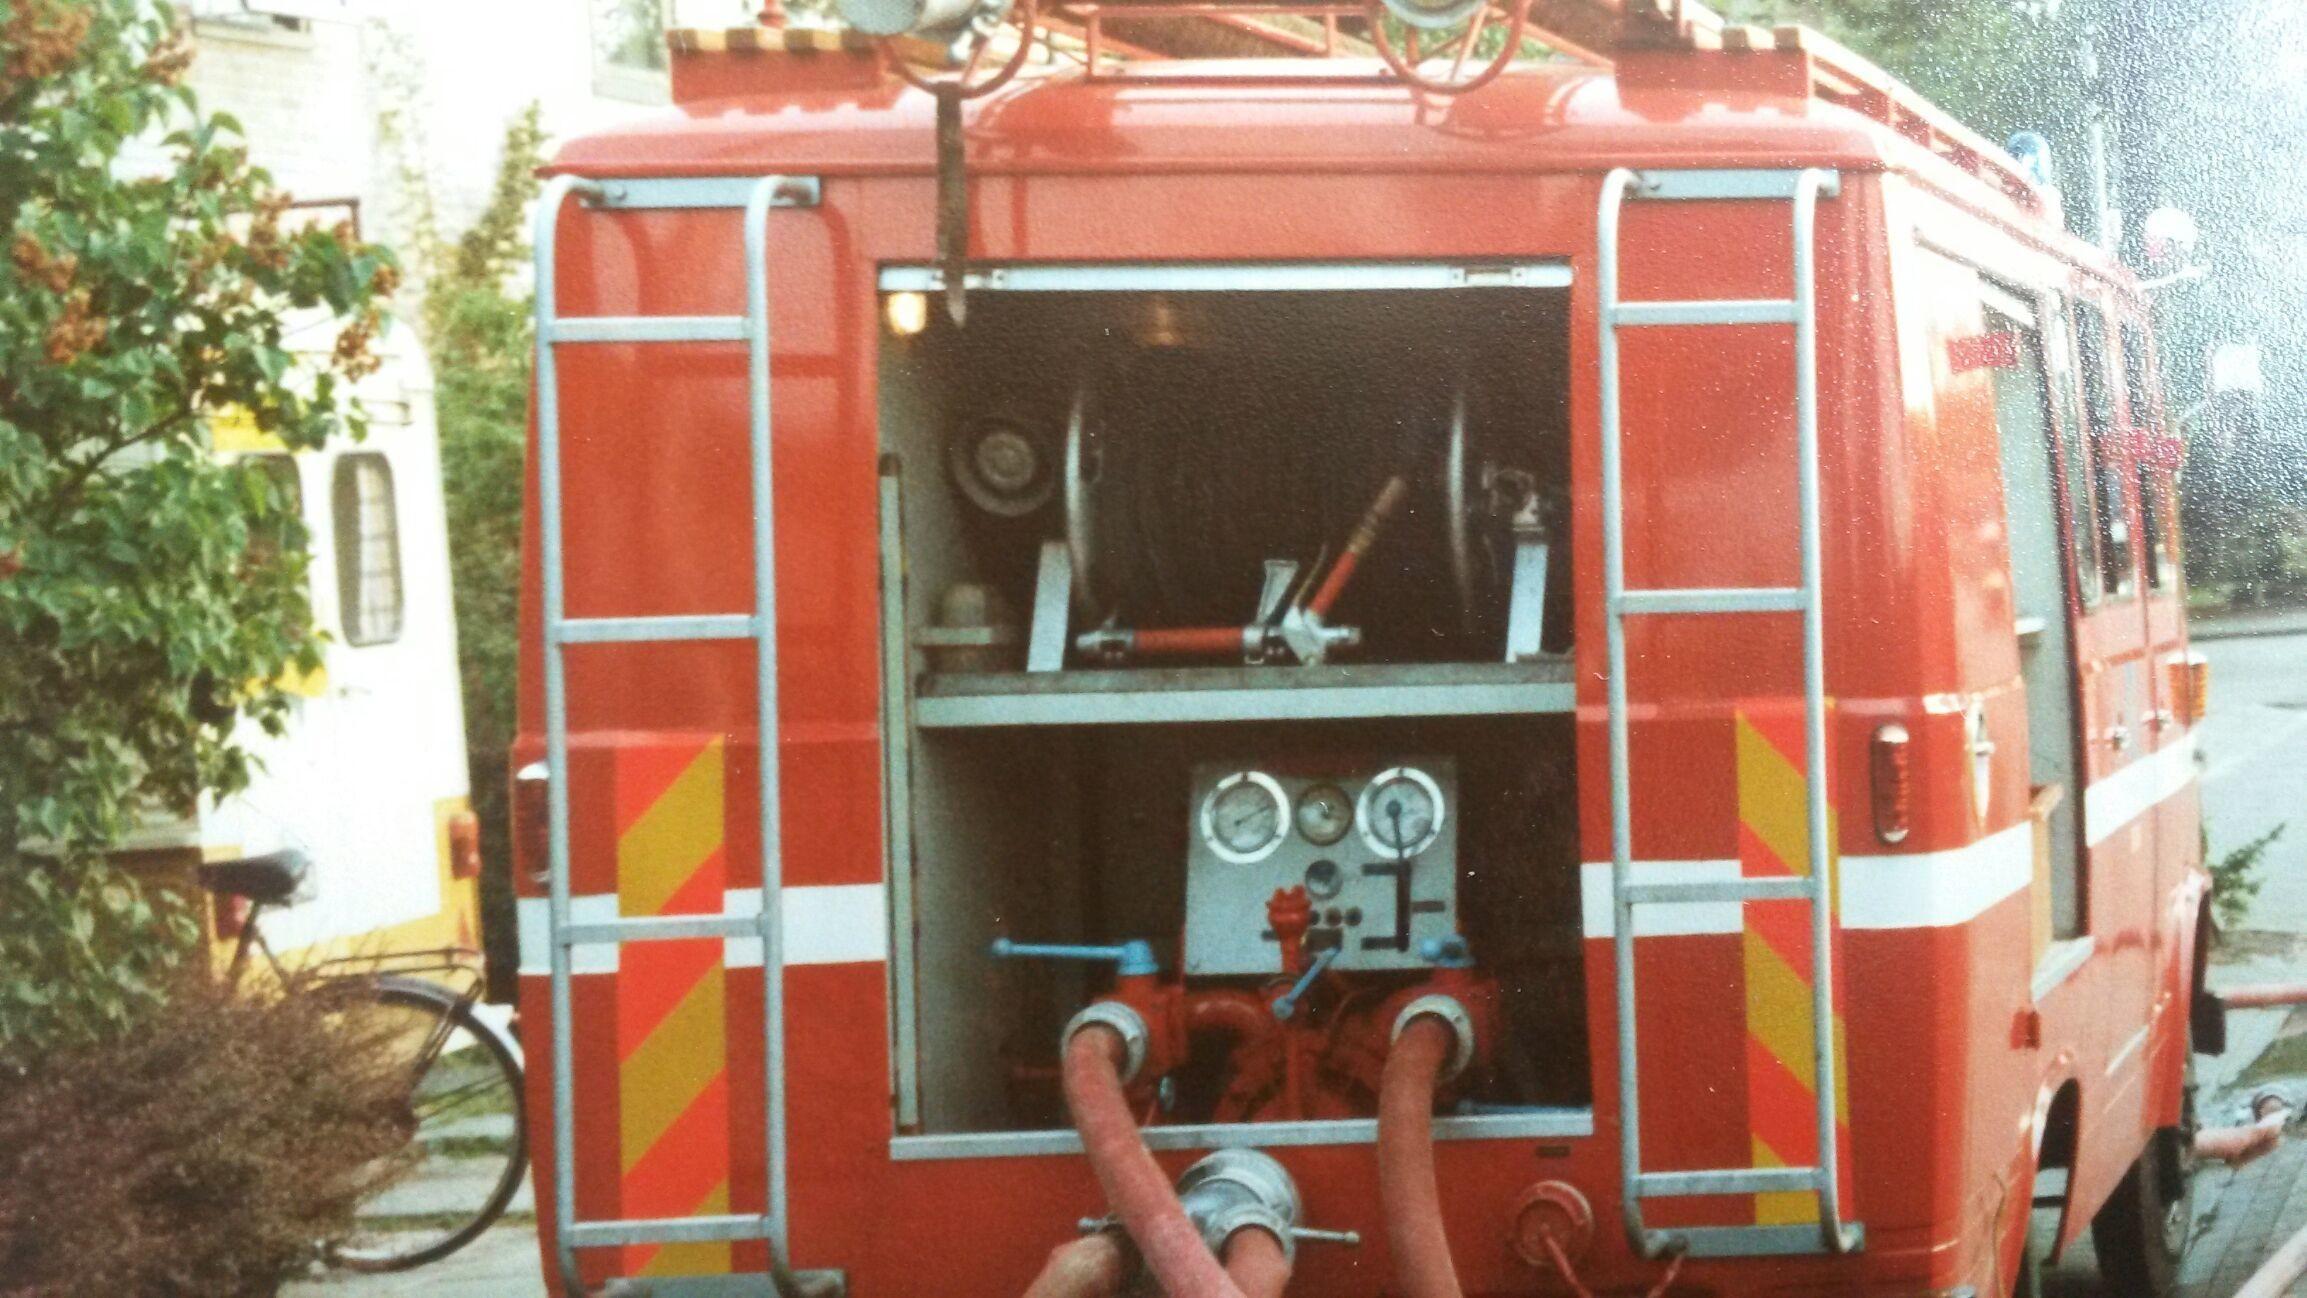 Oud brandweer pomp TB 581 van Moergestel In gebruik tijdens oefening